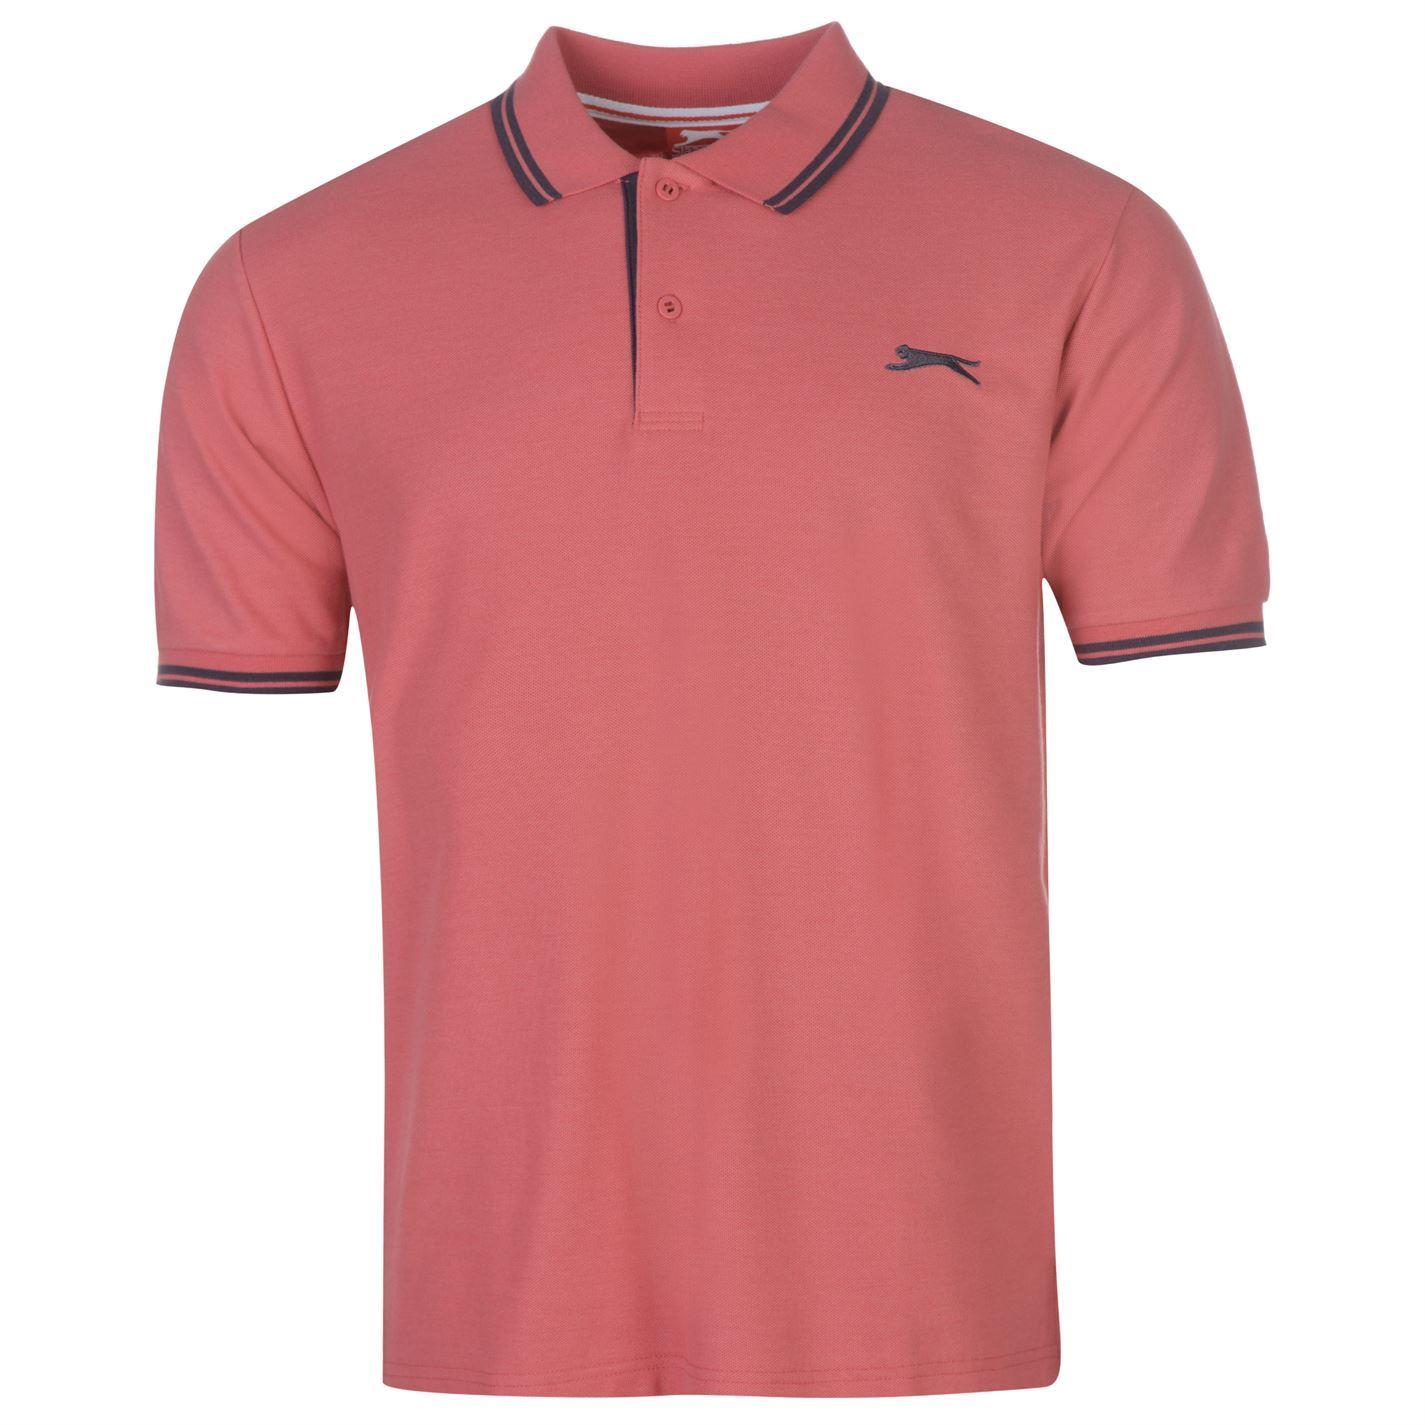 Slazenger-Polo-Camisa-de-hombre-con-cuello-con-Punta-T-Shirt-Top-Camiseta-Tee miniatura 100